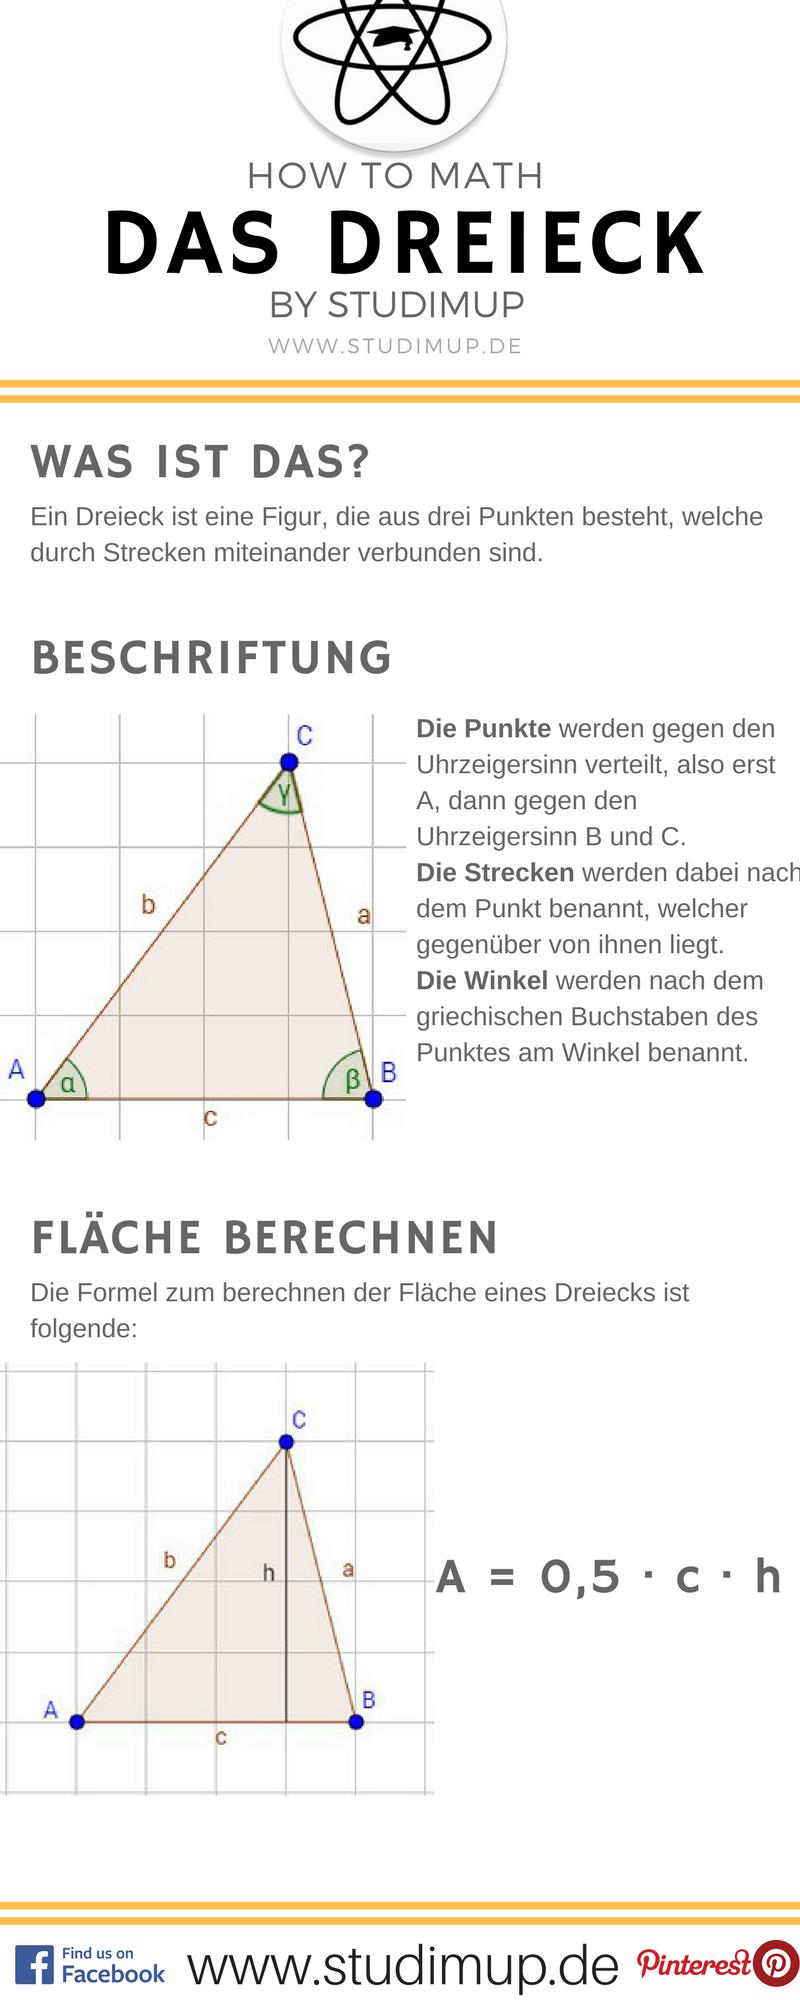 Der Spickzettel zum Dreieck, mit dessen Benennung und wie man die ...